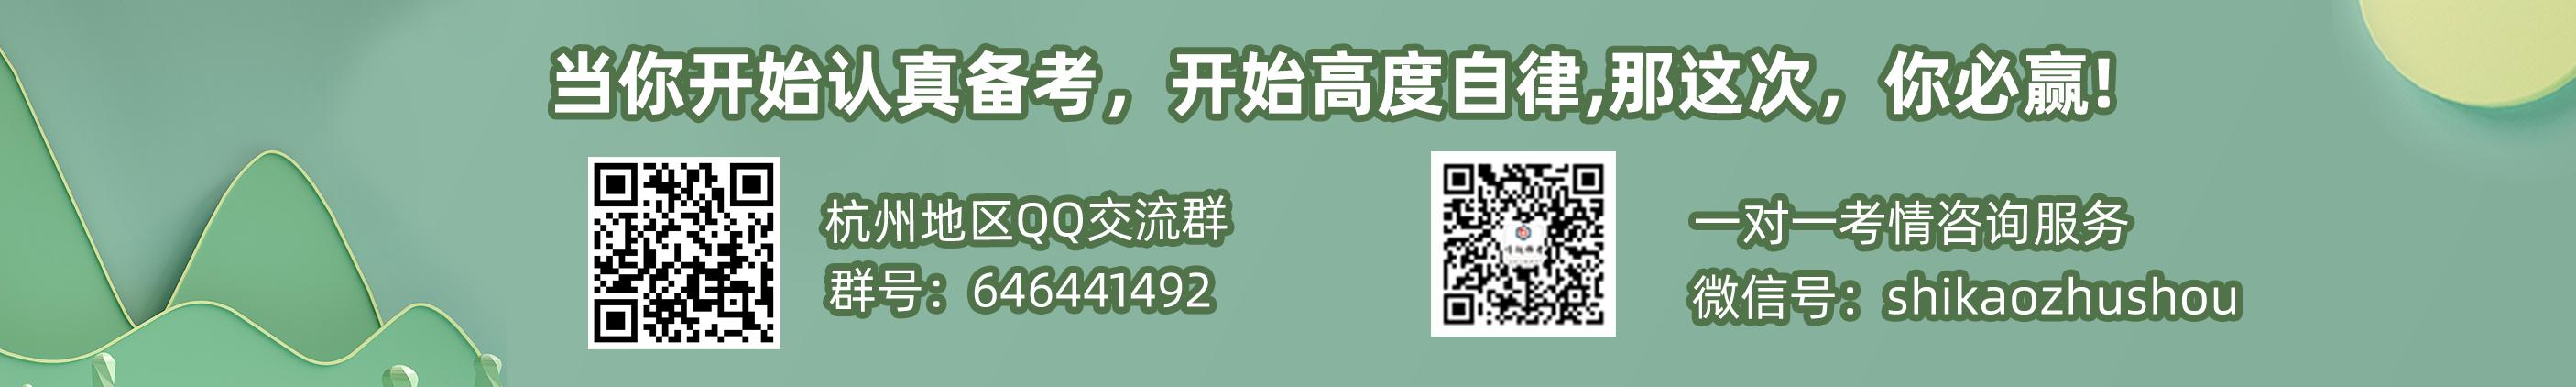 网页小banner杭州.png